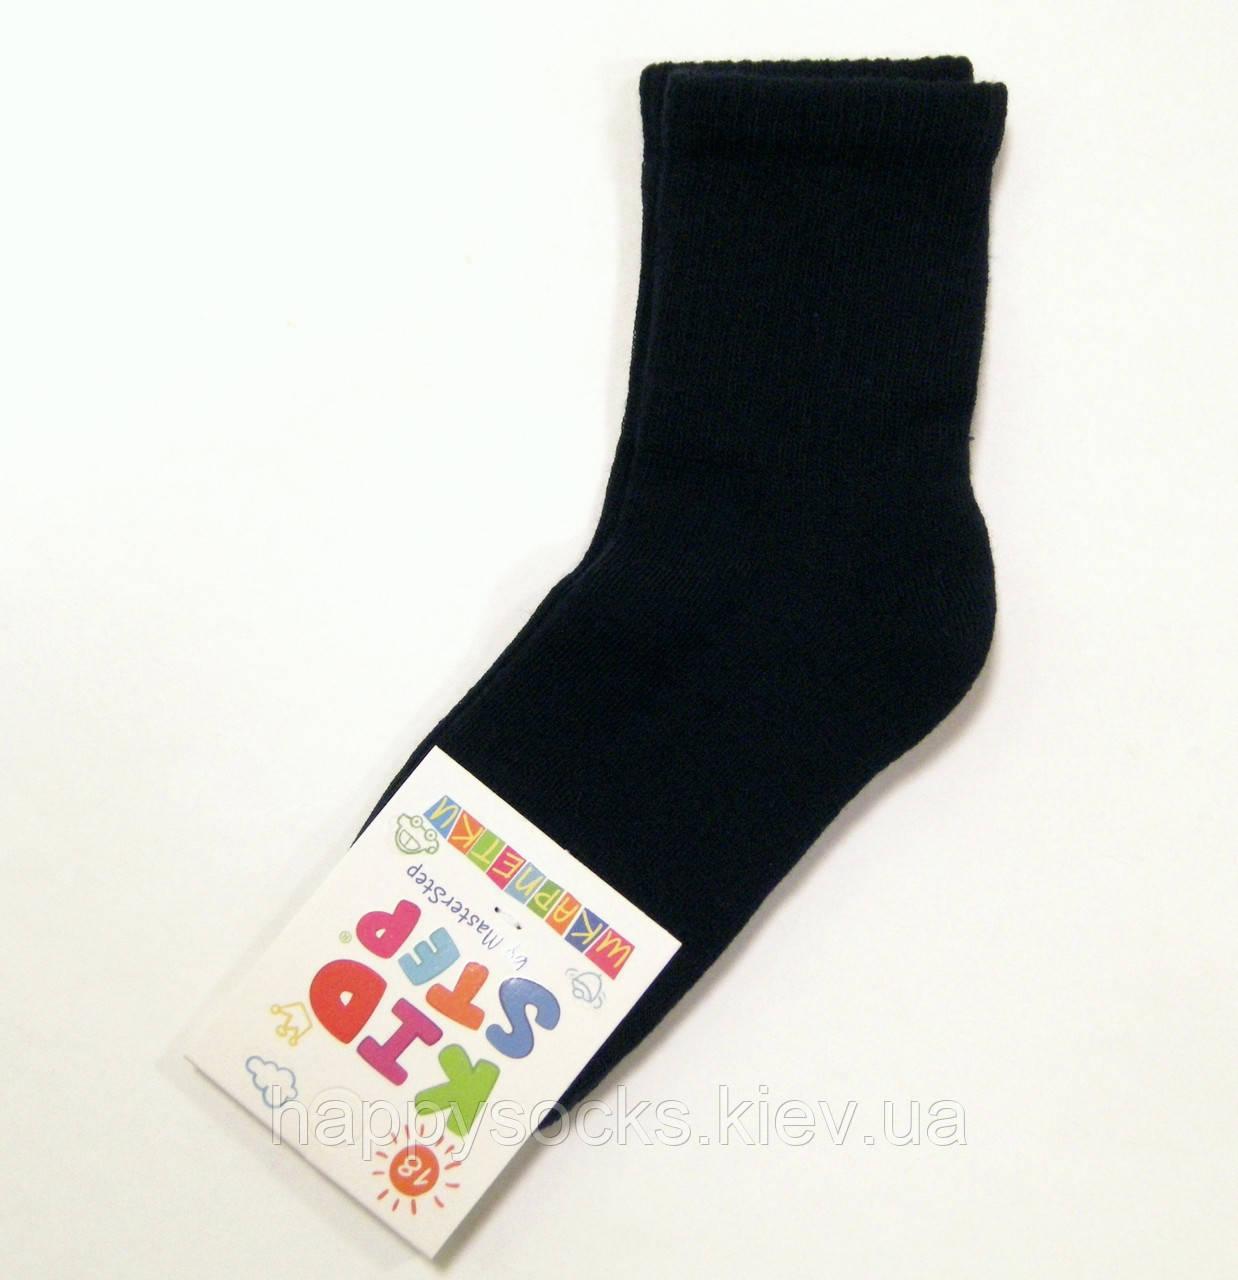 Однотонные детские хлопковые носки с махровым следом черного цвета